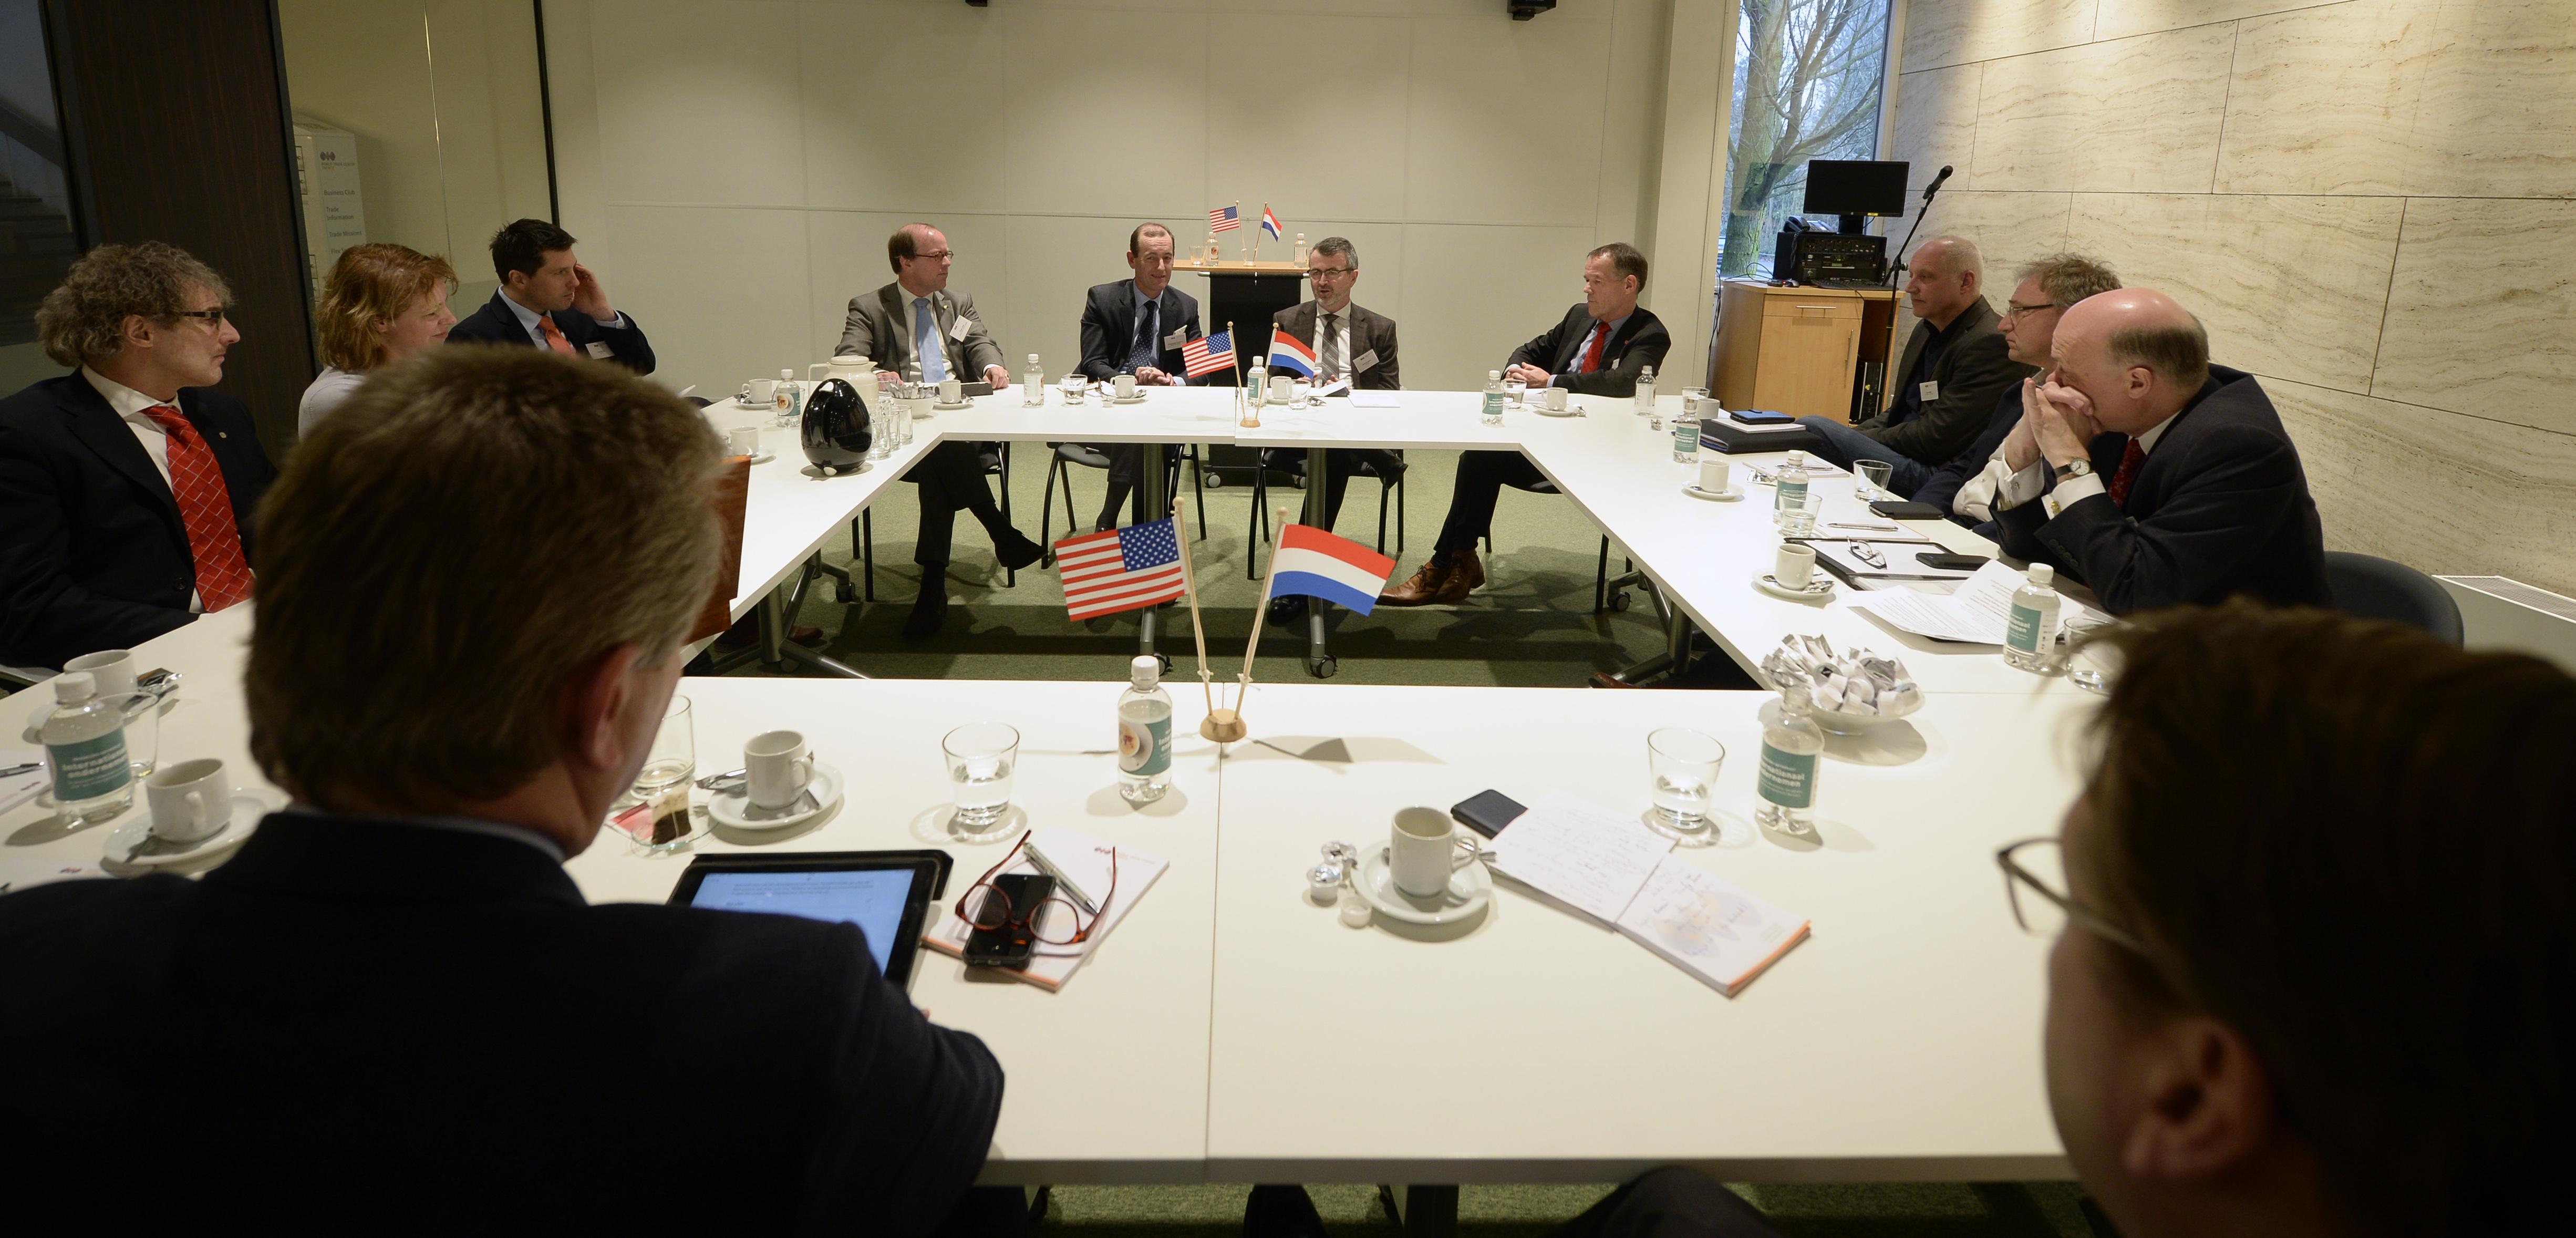 Rondetafelmeeting-met-CEO-WTCA-en-vertegenwoordigers-van-overheid-en-onderwijs